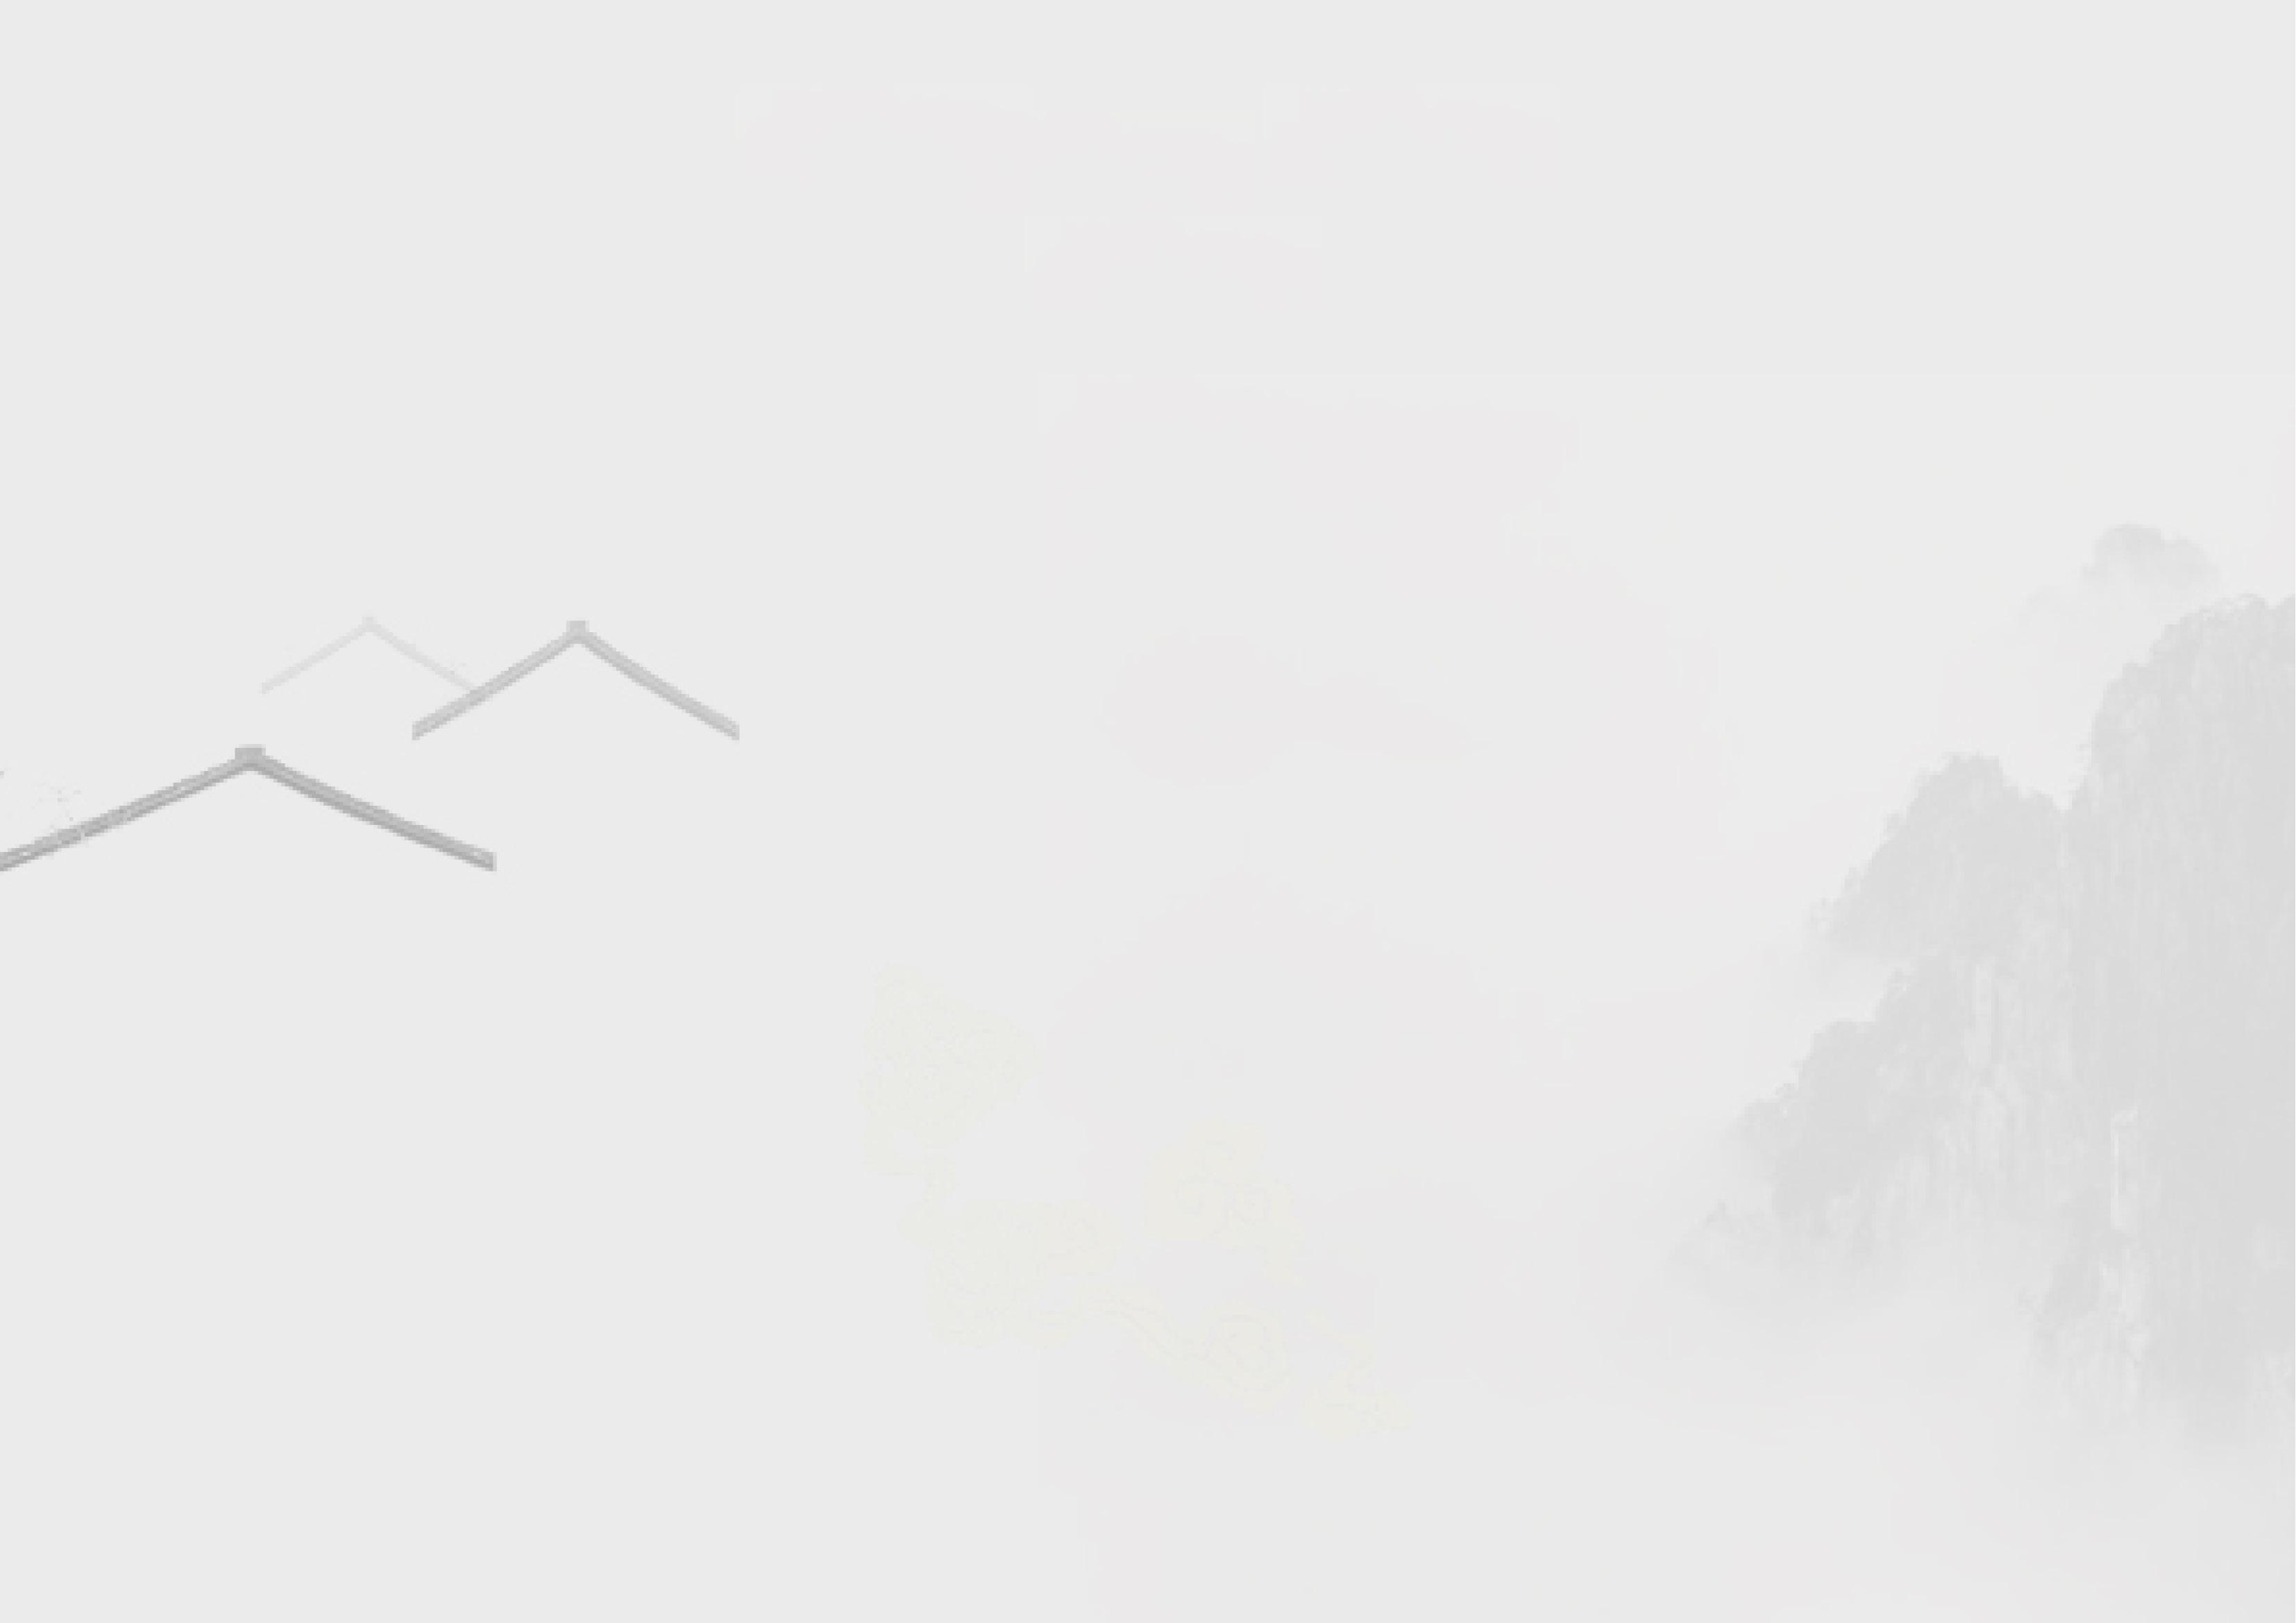 福建—卻塵居16